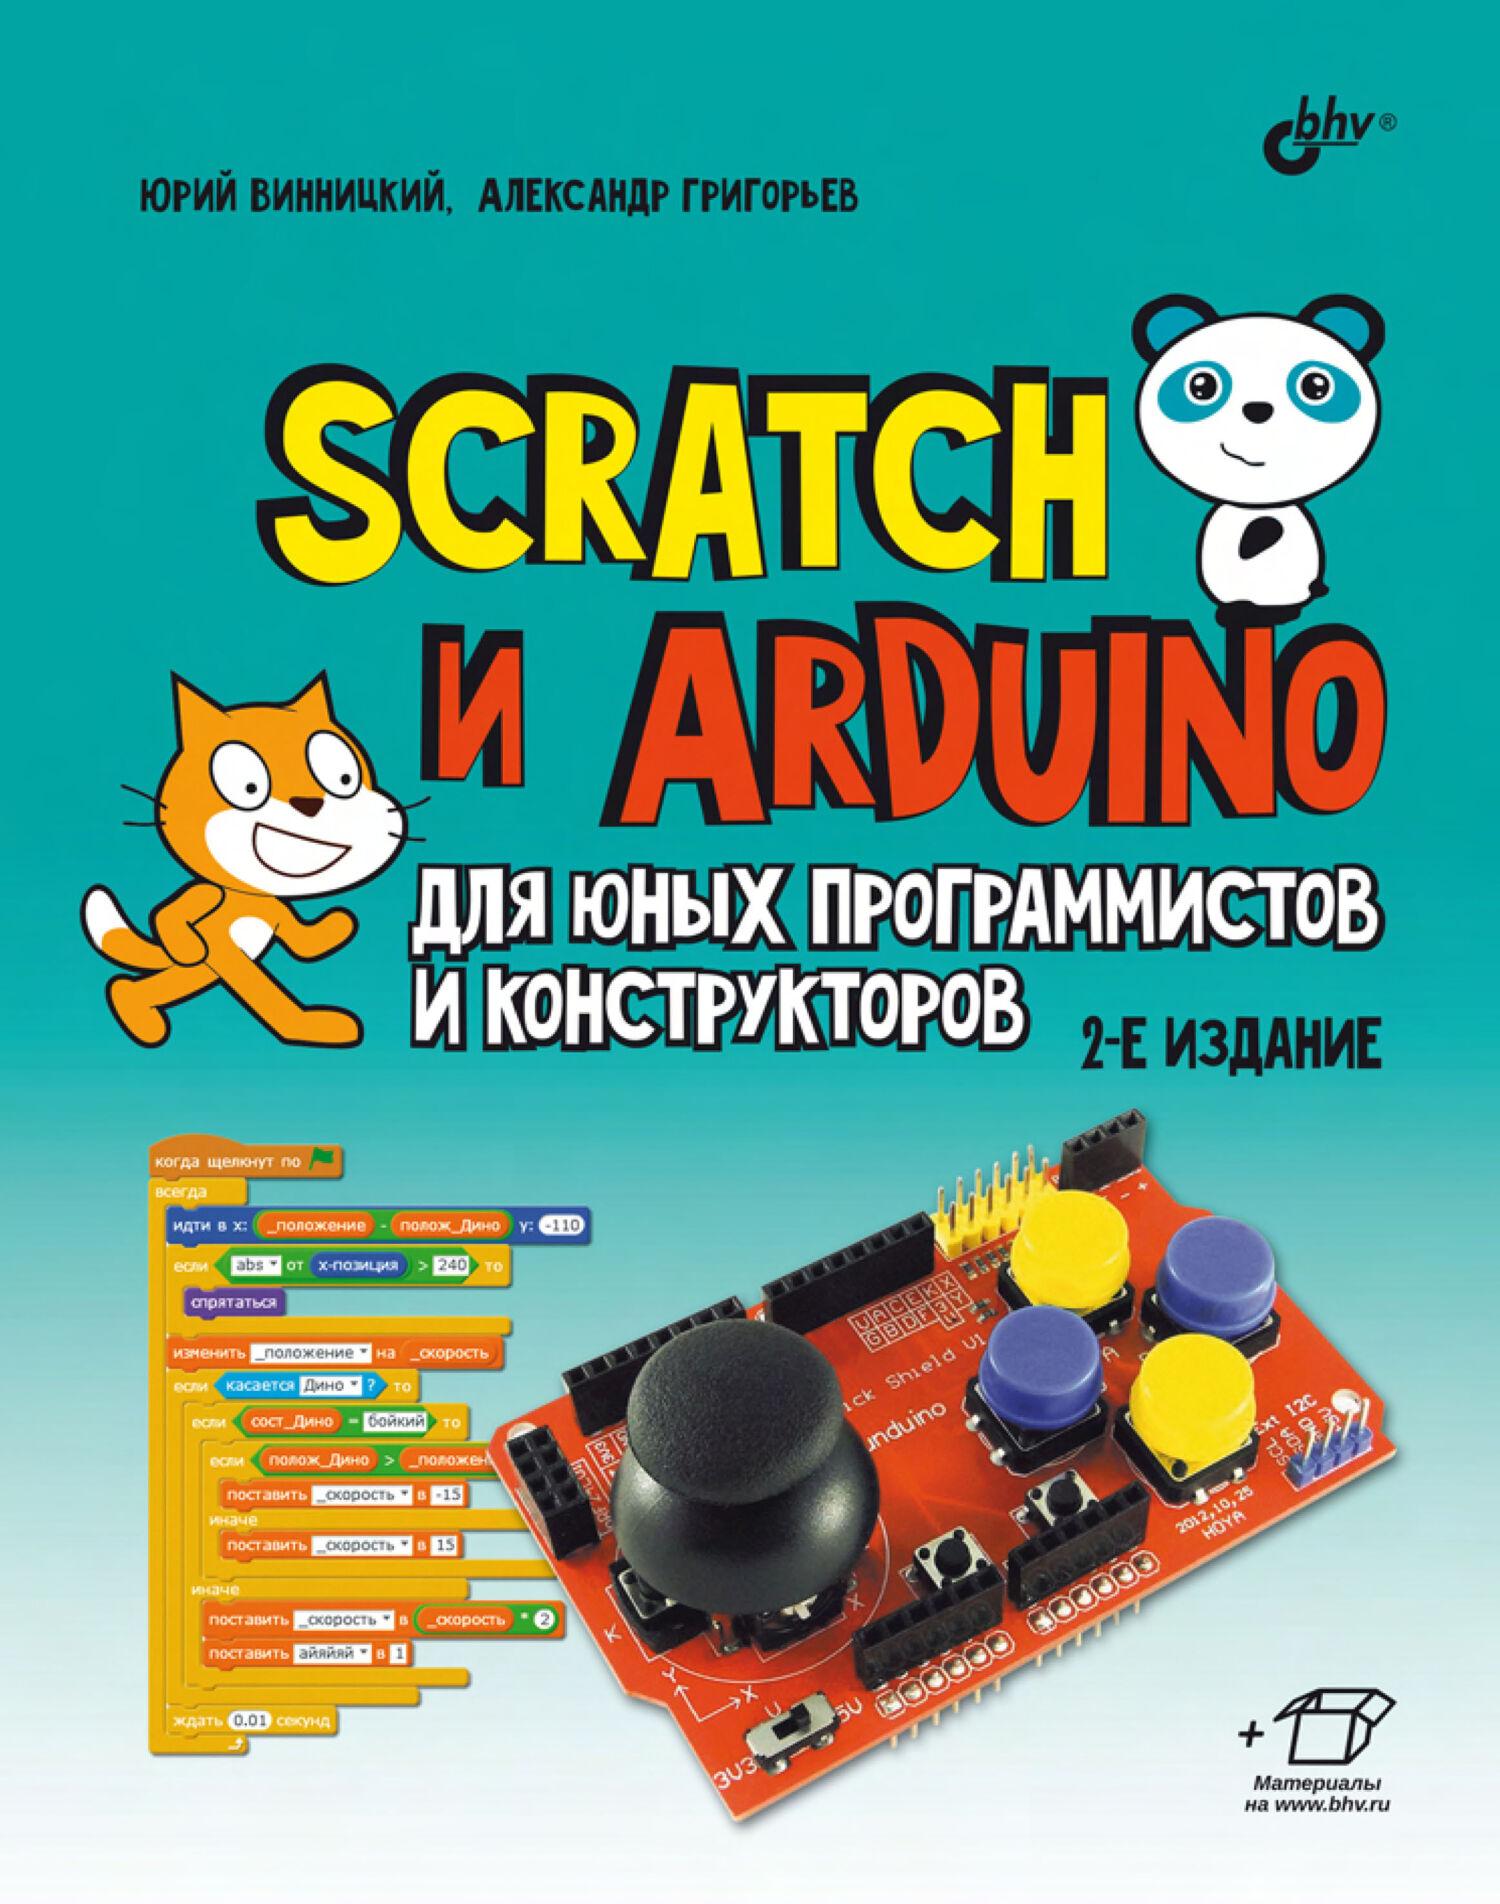 Ю. А. Винницкий Scratch и Arduino для юных программистов и конструкторов tilt switch sensor module for arduino works with official arduino boards